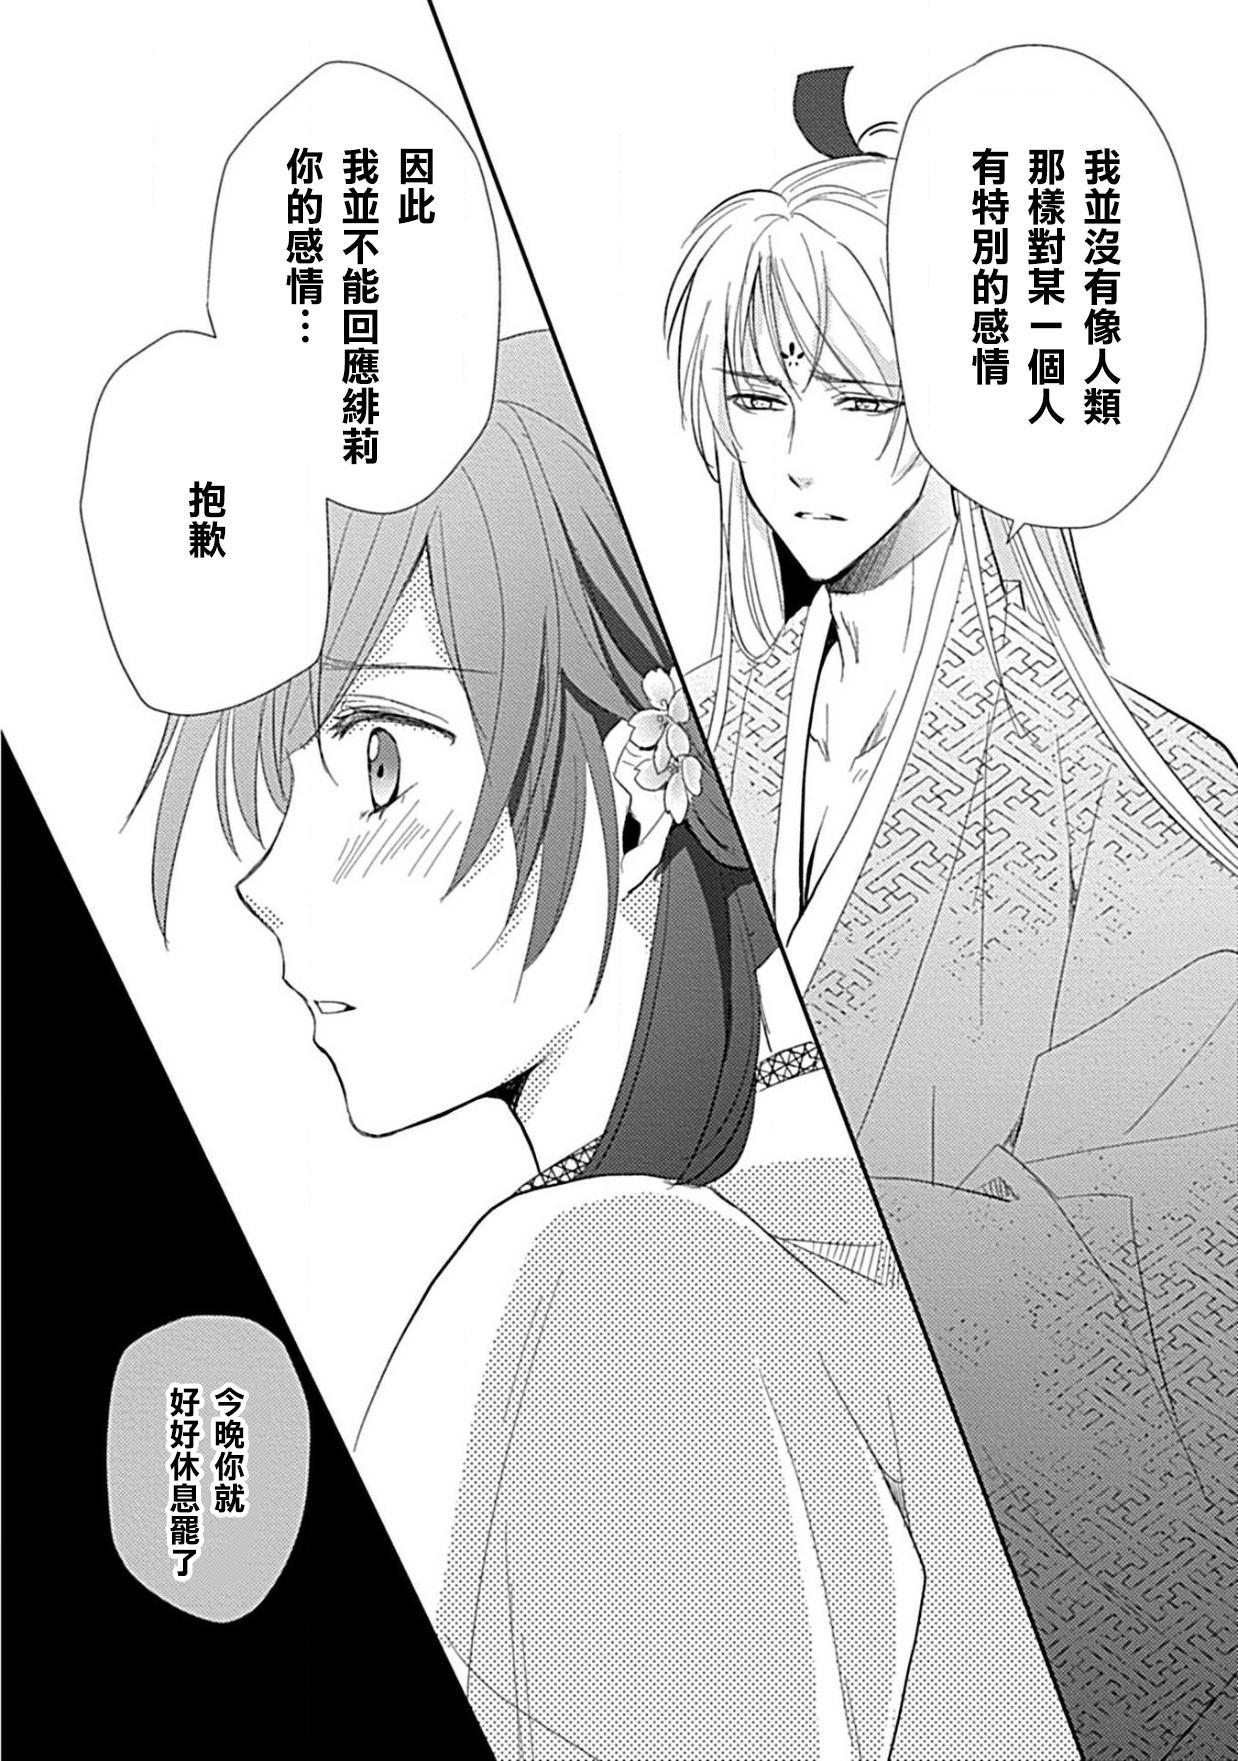 kyosei ranbu itoshi no kamisama ha amayaka ni osu deshita | 嬌聲亂舞 深愛的神明大人甜寵且英勇 14